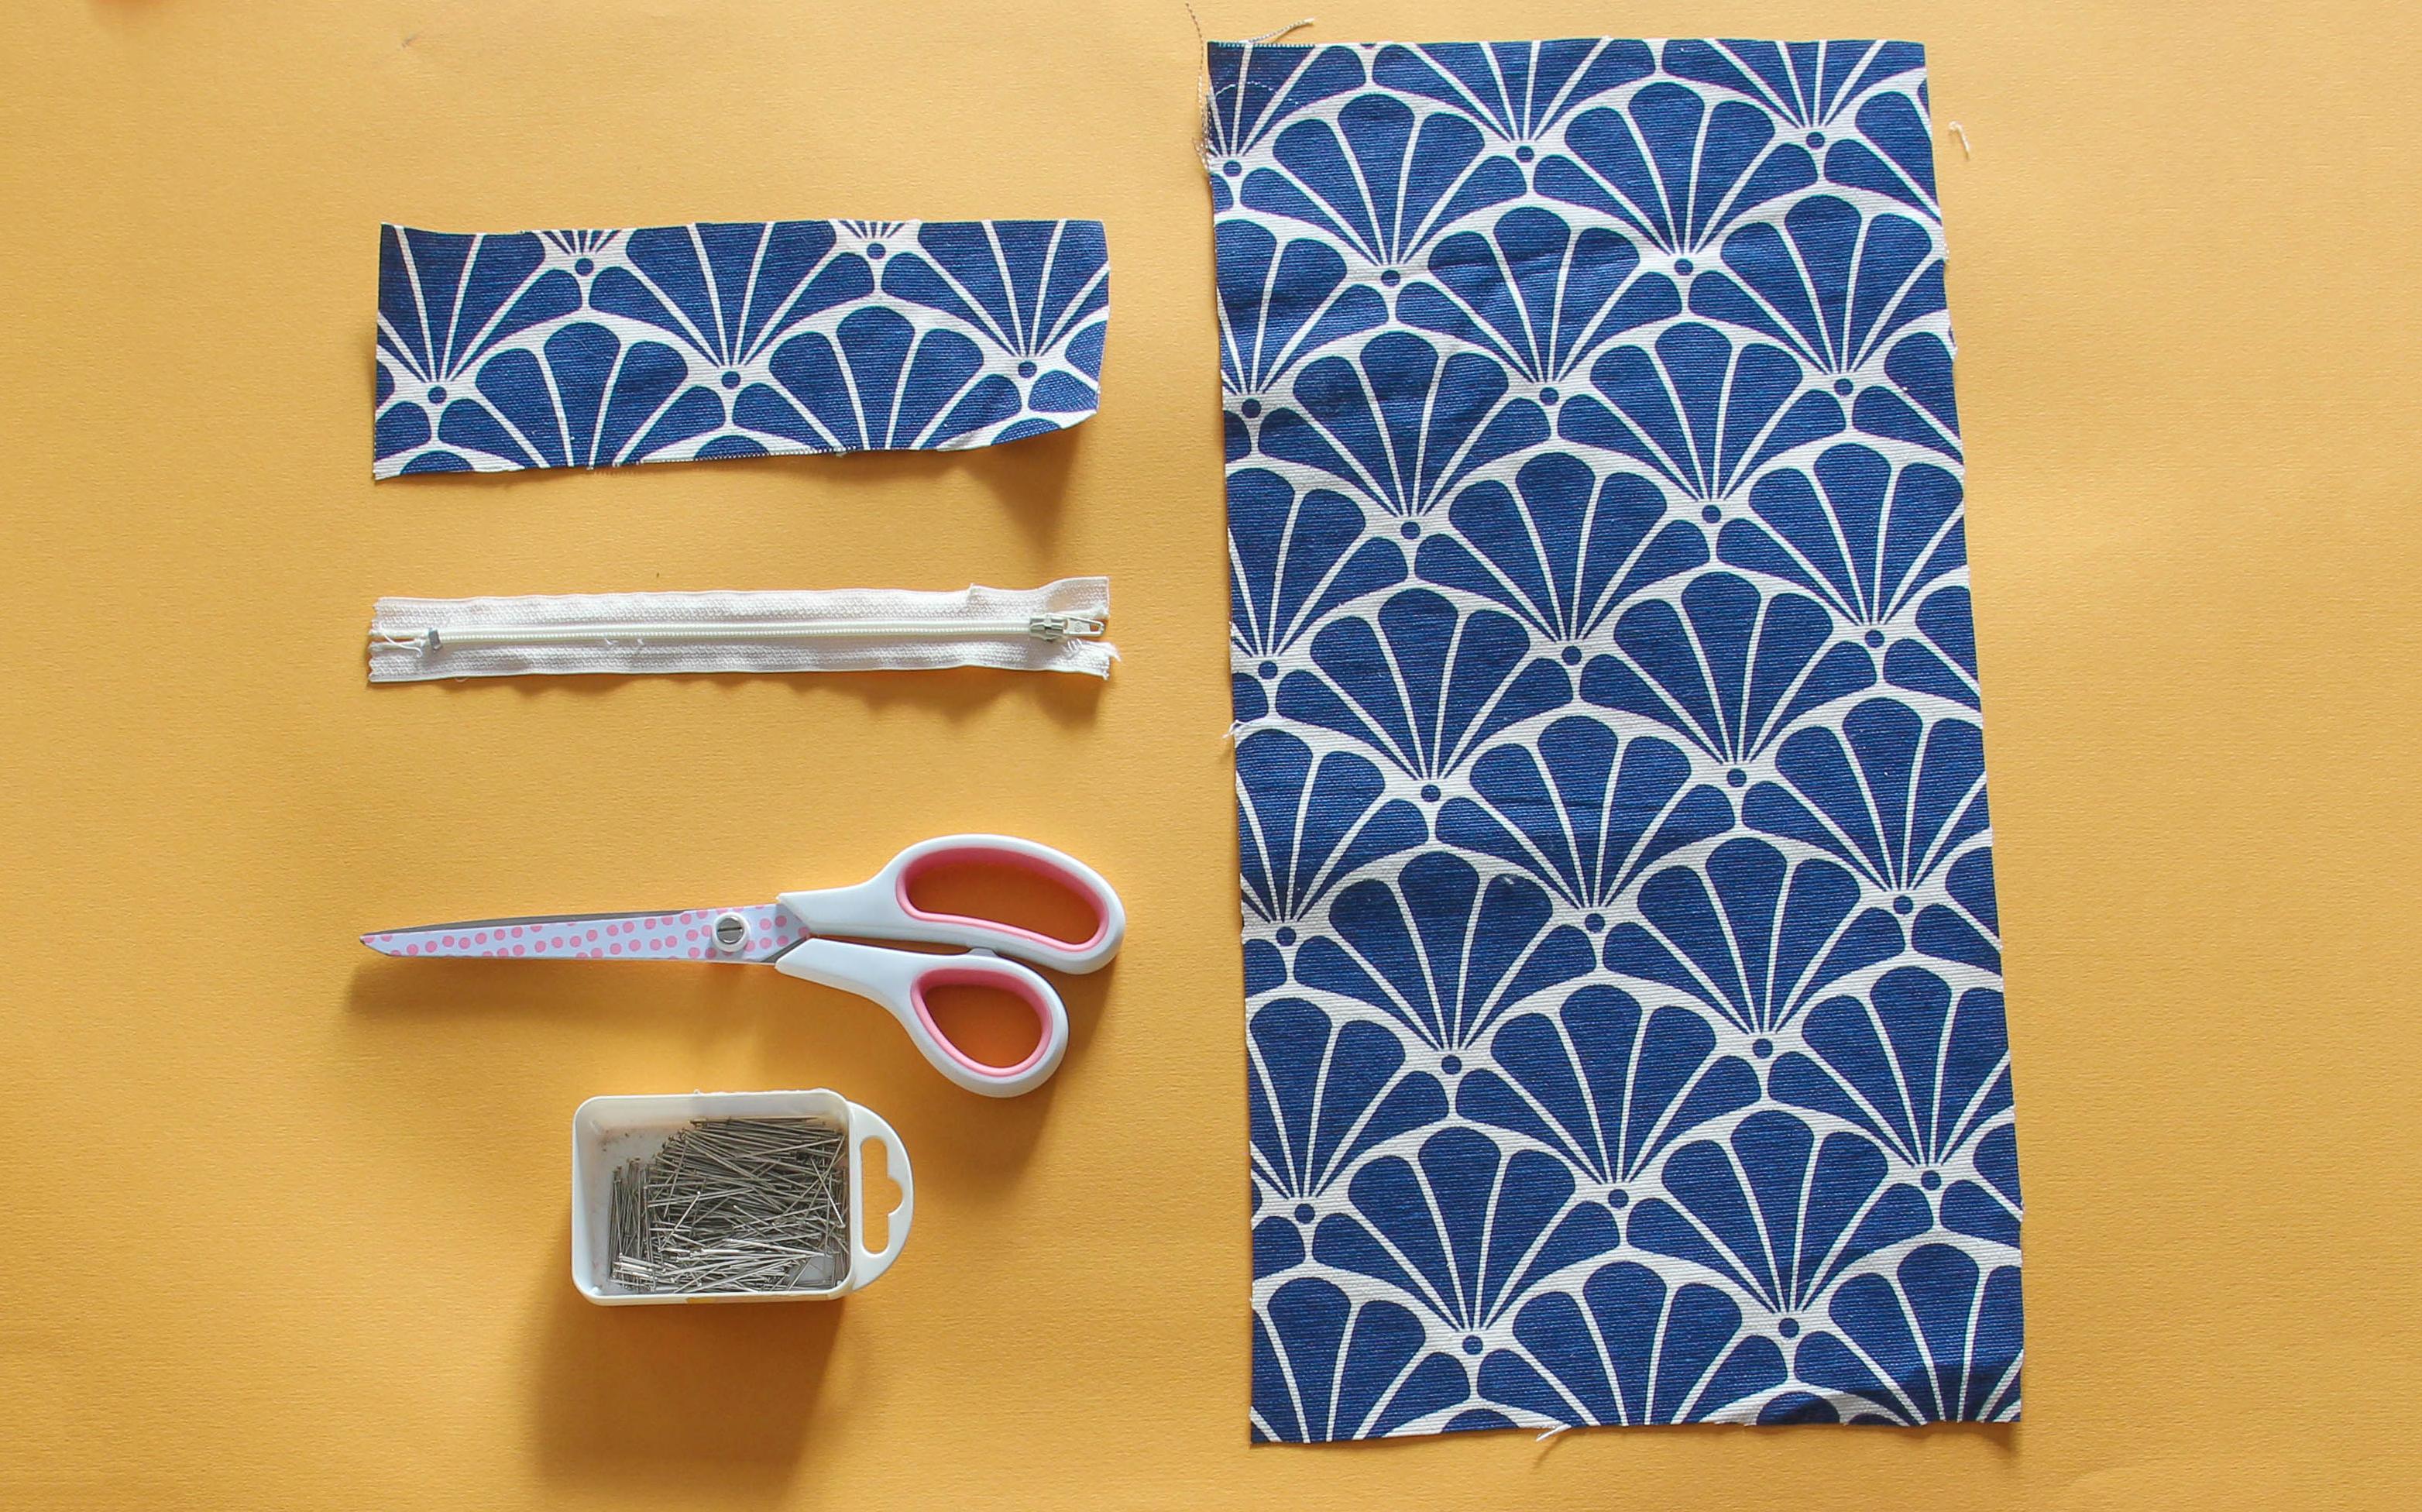 82c6a1b2d5 Prendre votre zip, mesurez le (la partie zip et non la partie textile).  Ajouter 3 cm à cette largeur. Tracez un rectangle qui fait la dimension que  vous ...